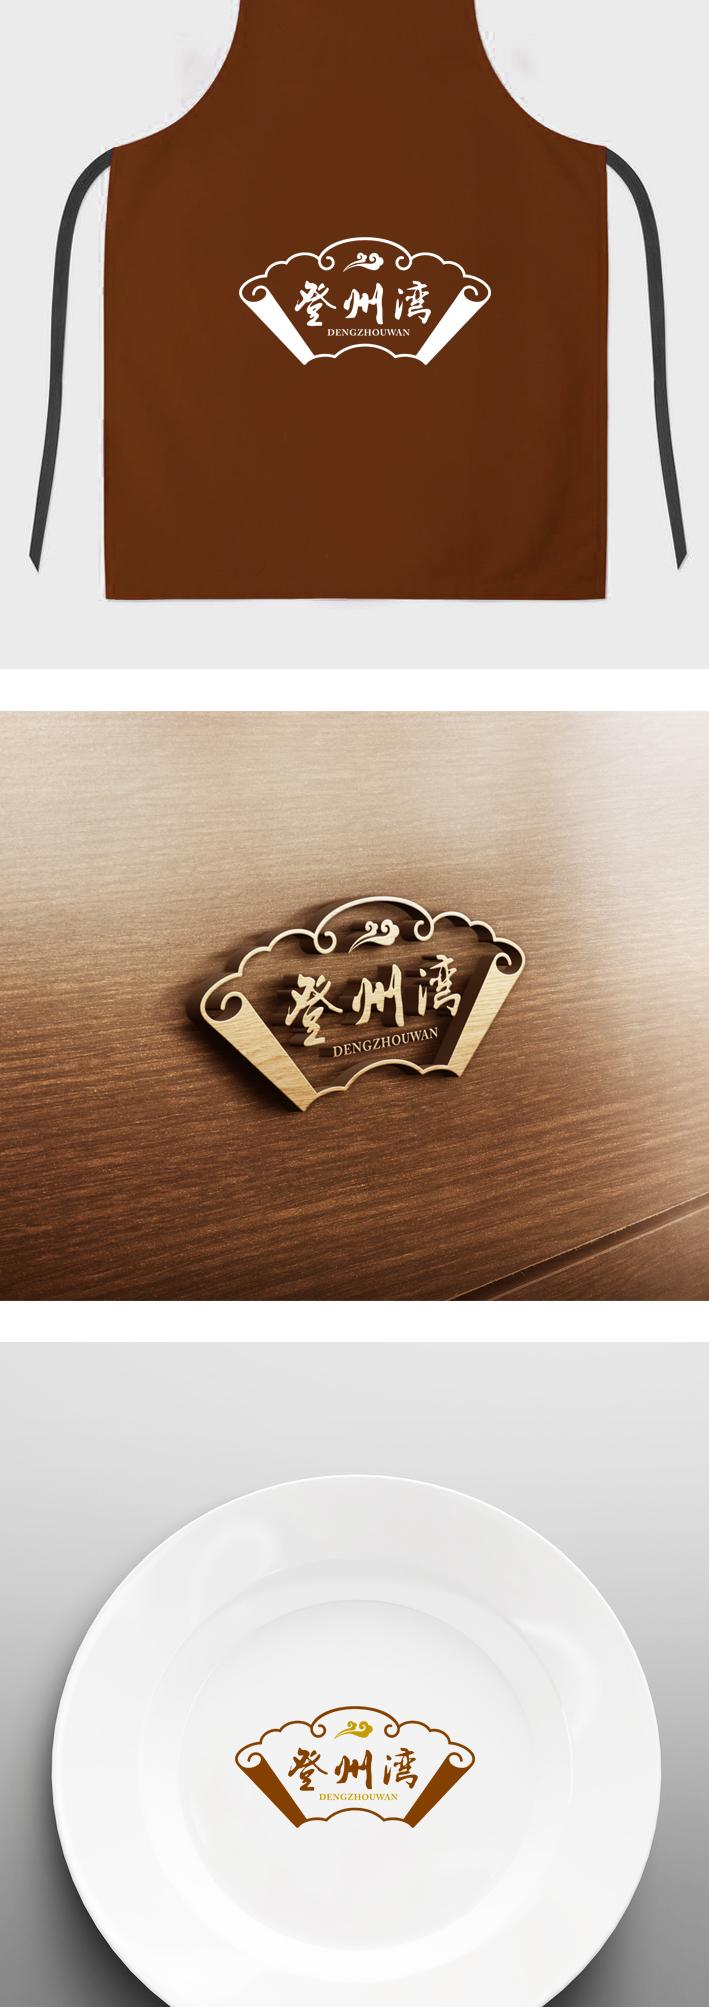 餐厅LOGO设计_3023592_k68威客网